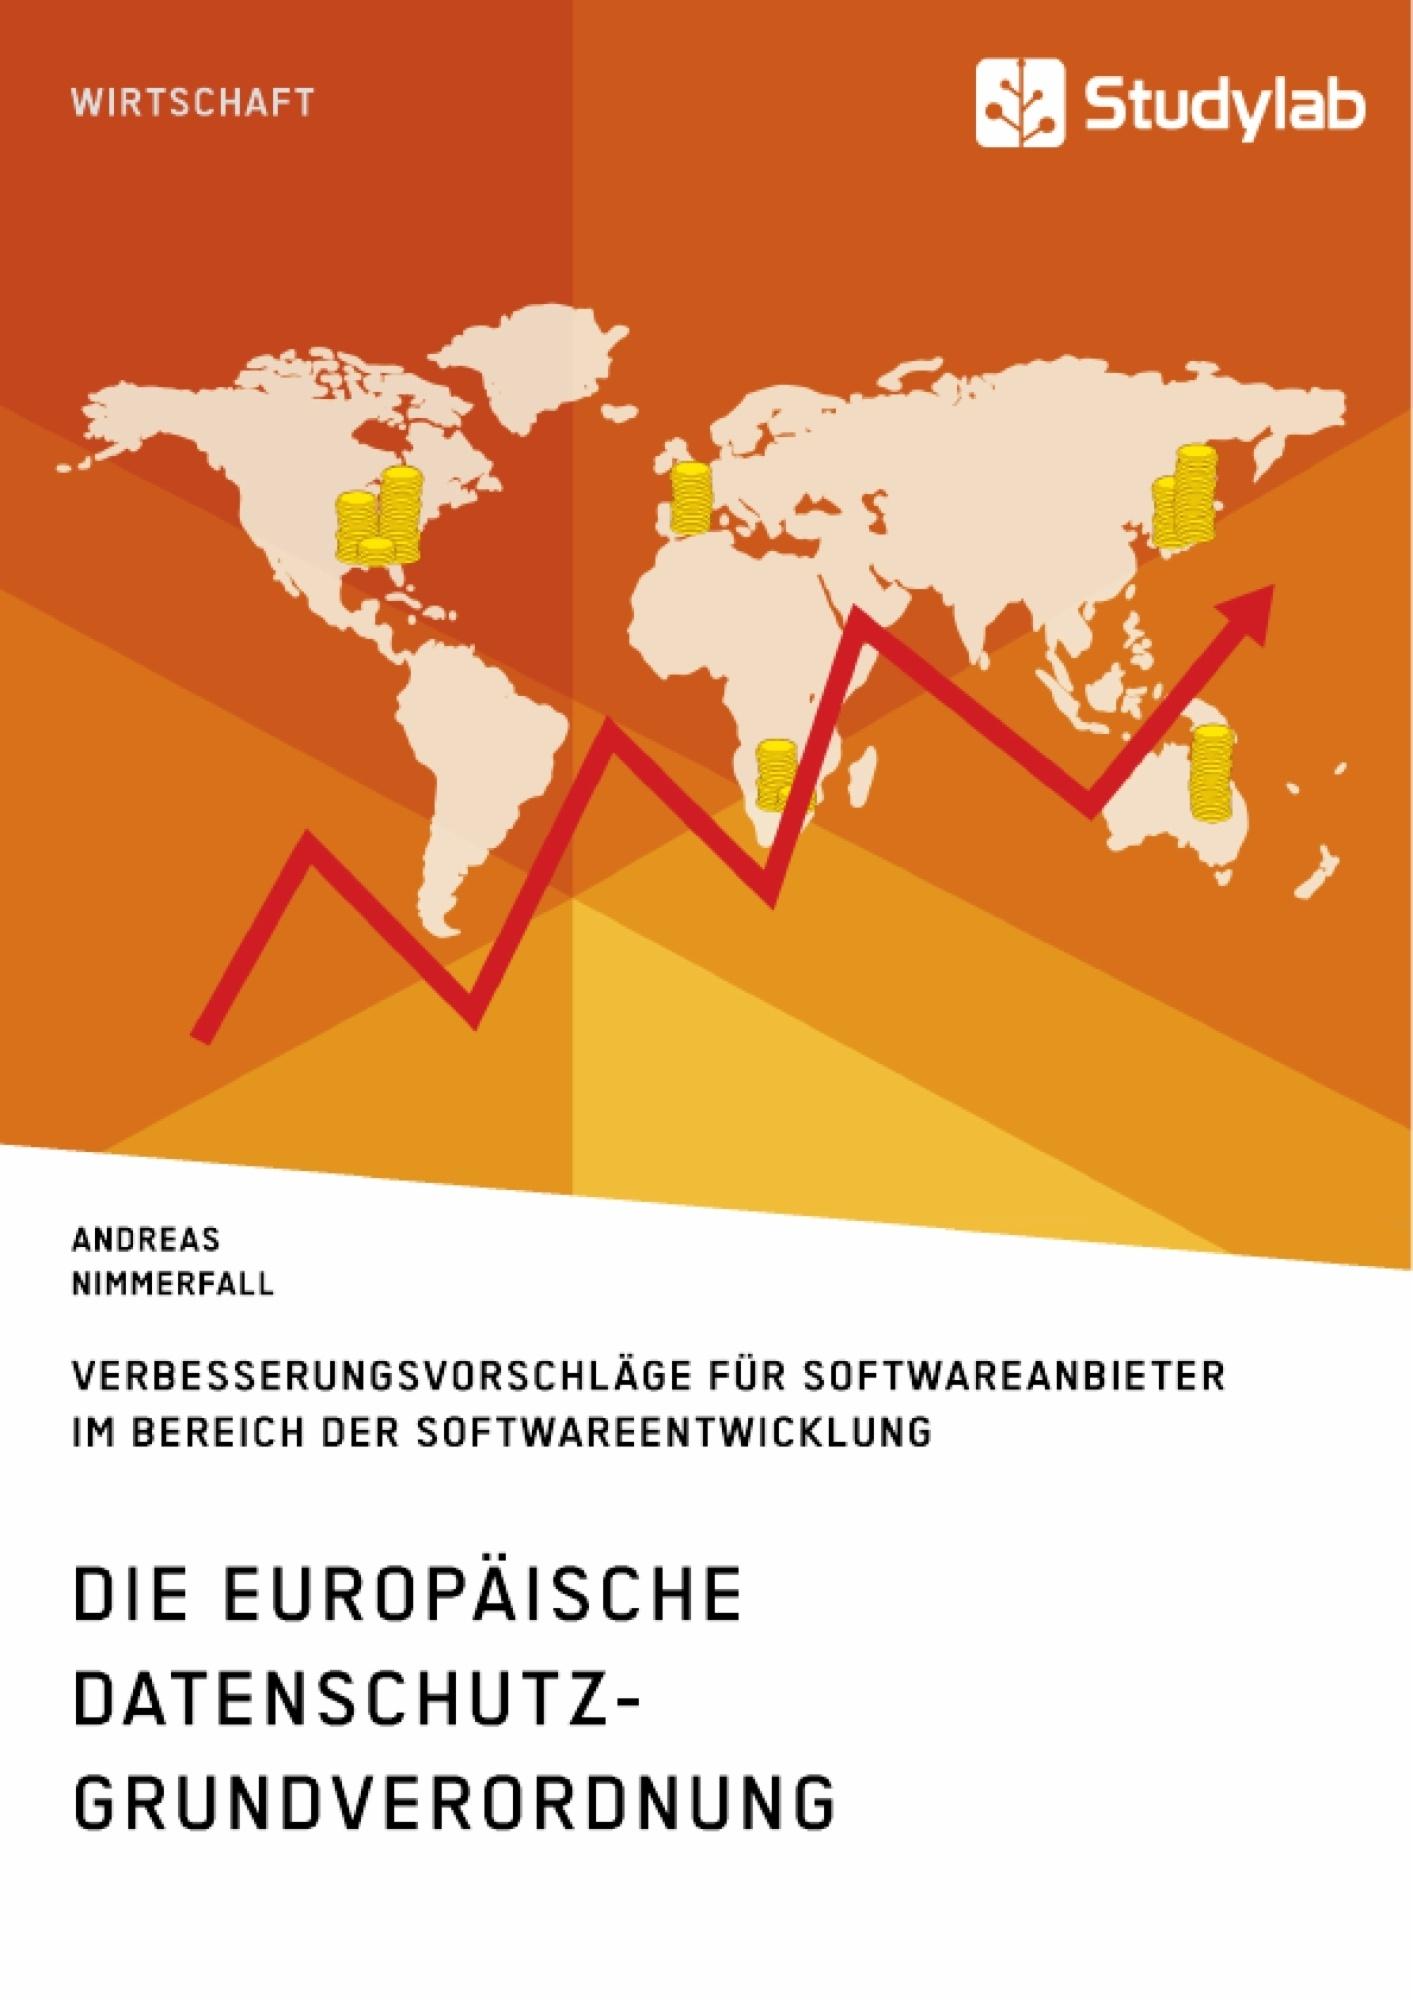 Titel: Die europäische Datenschutz-Grundverordnung. Verbesserungsvorschläge für Softwareanbieter im Bereich der Softwareentwicklung